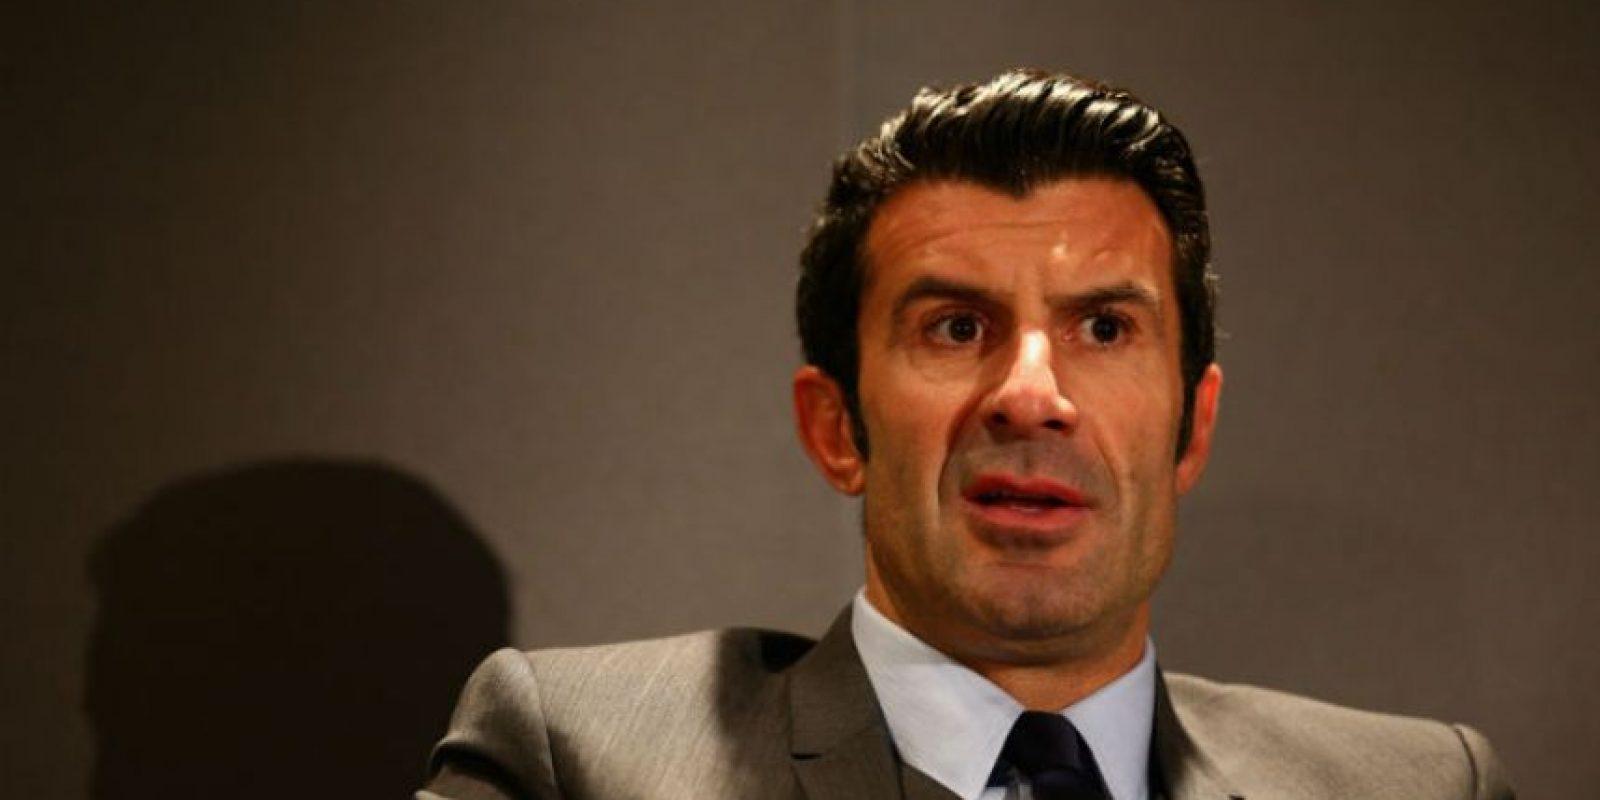 El exfutbolista luso participó en la fase previas de las elecciones. Foto:Getty Images